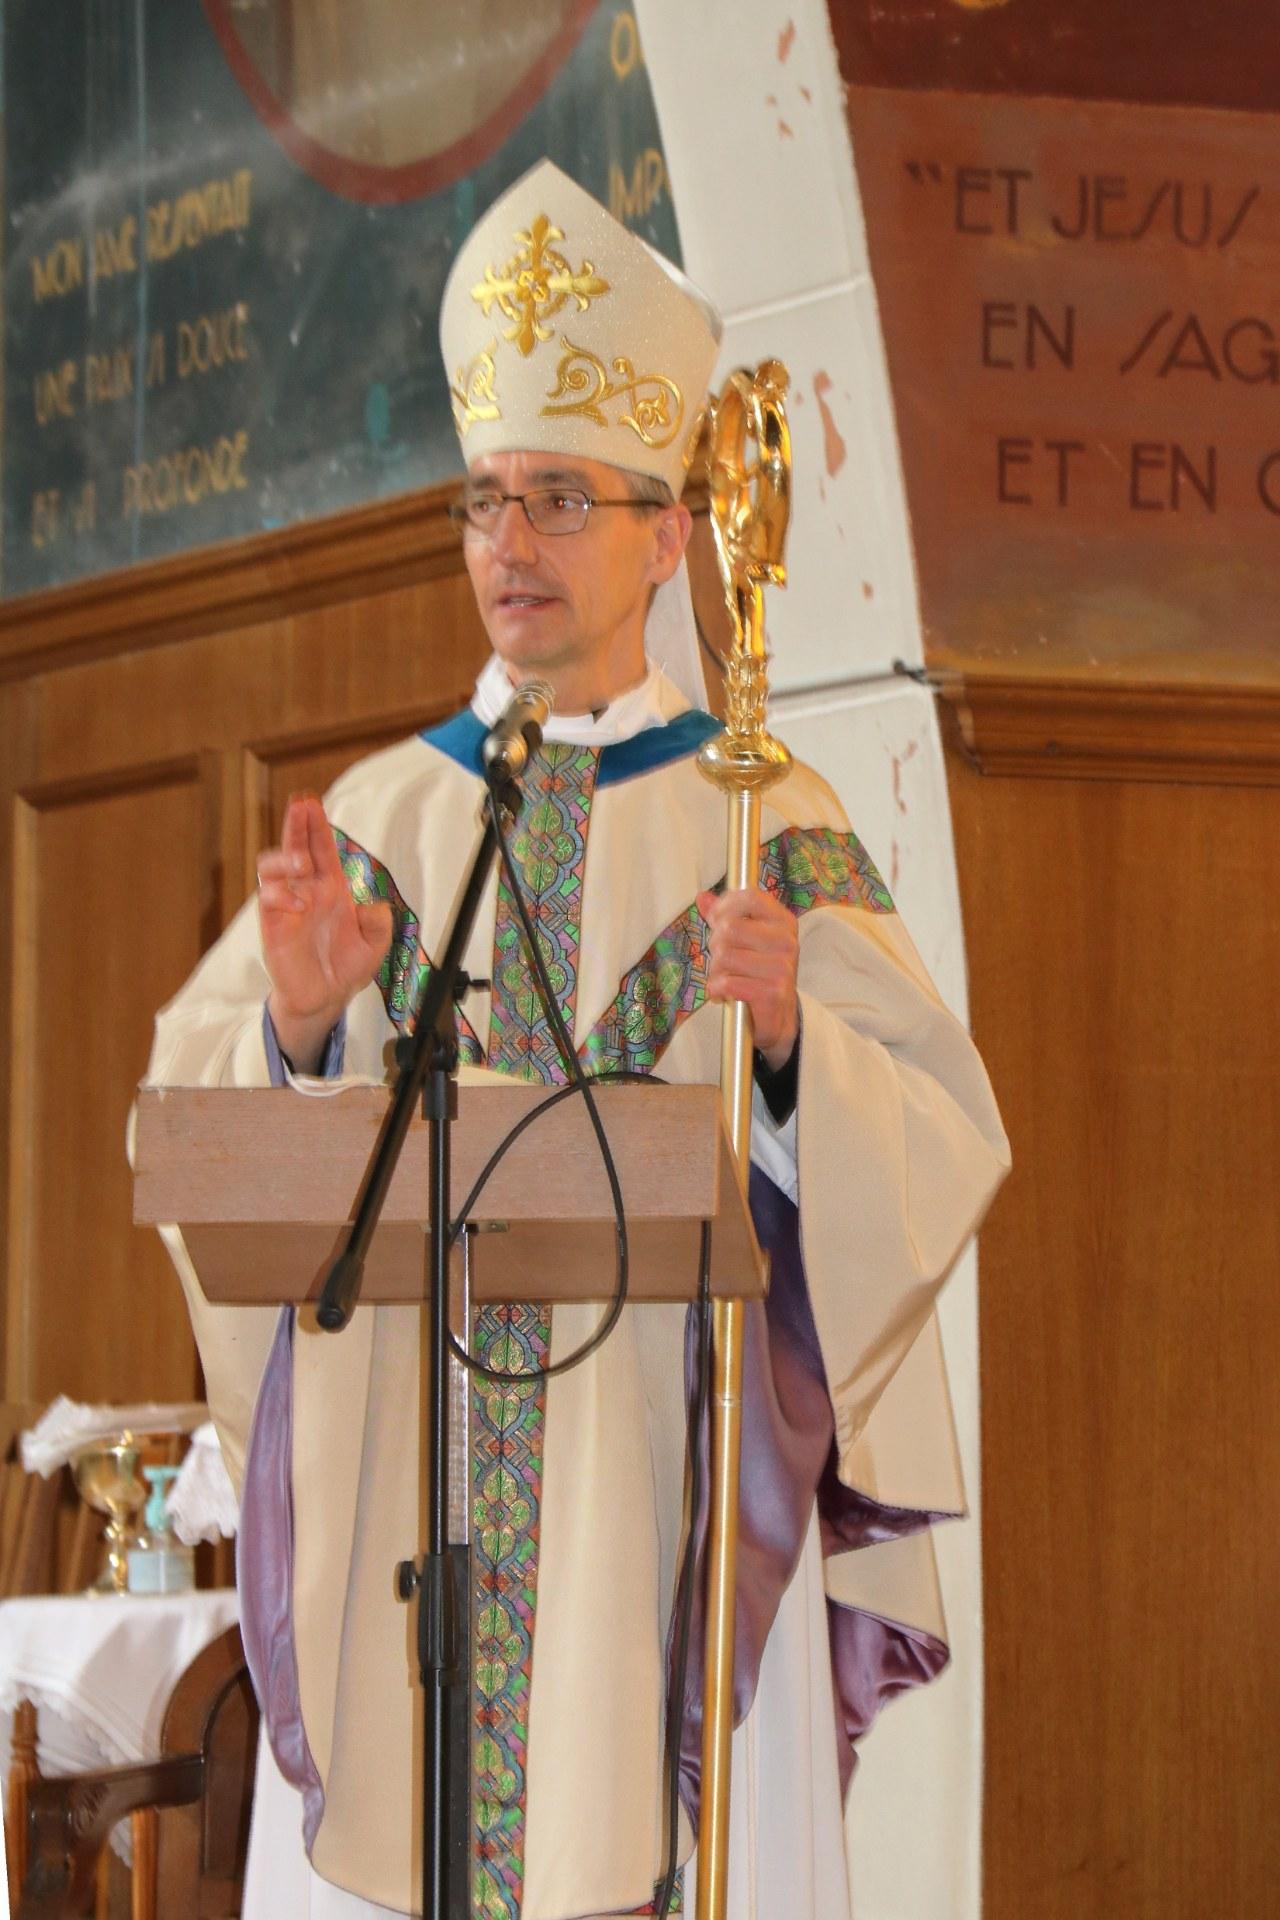 2010 - Messe présidée par Mgr DOLLMANN 70